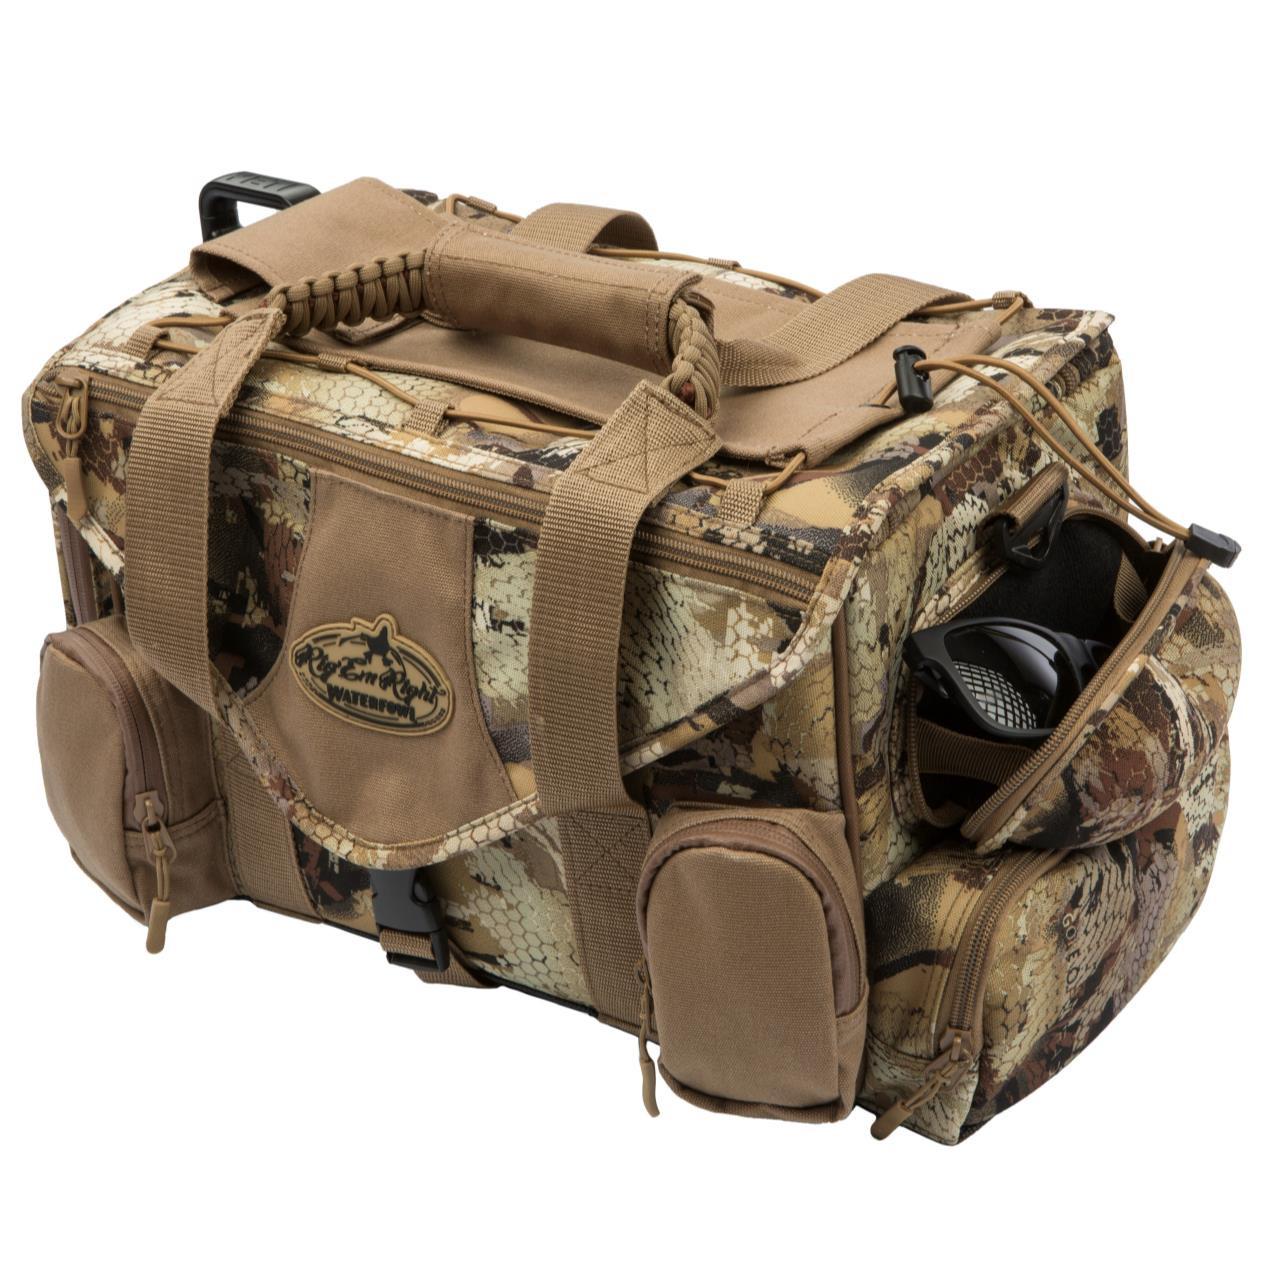 Rig Em Right Shell Shocker XLT Blind Bag - Optifade Marsh - 858192005118